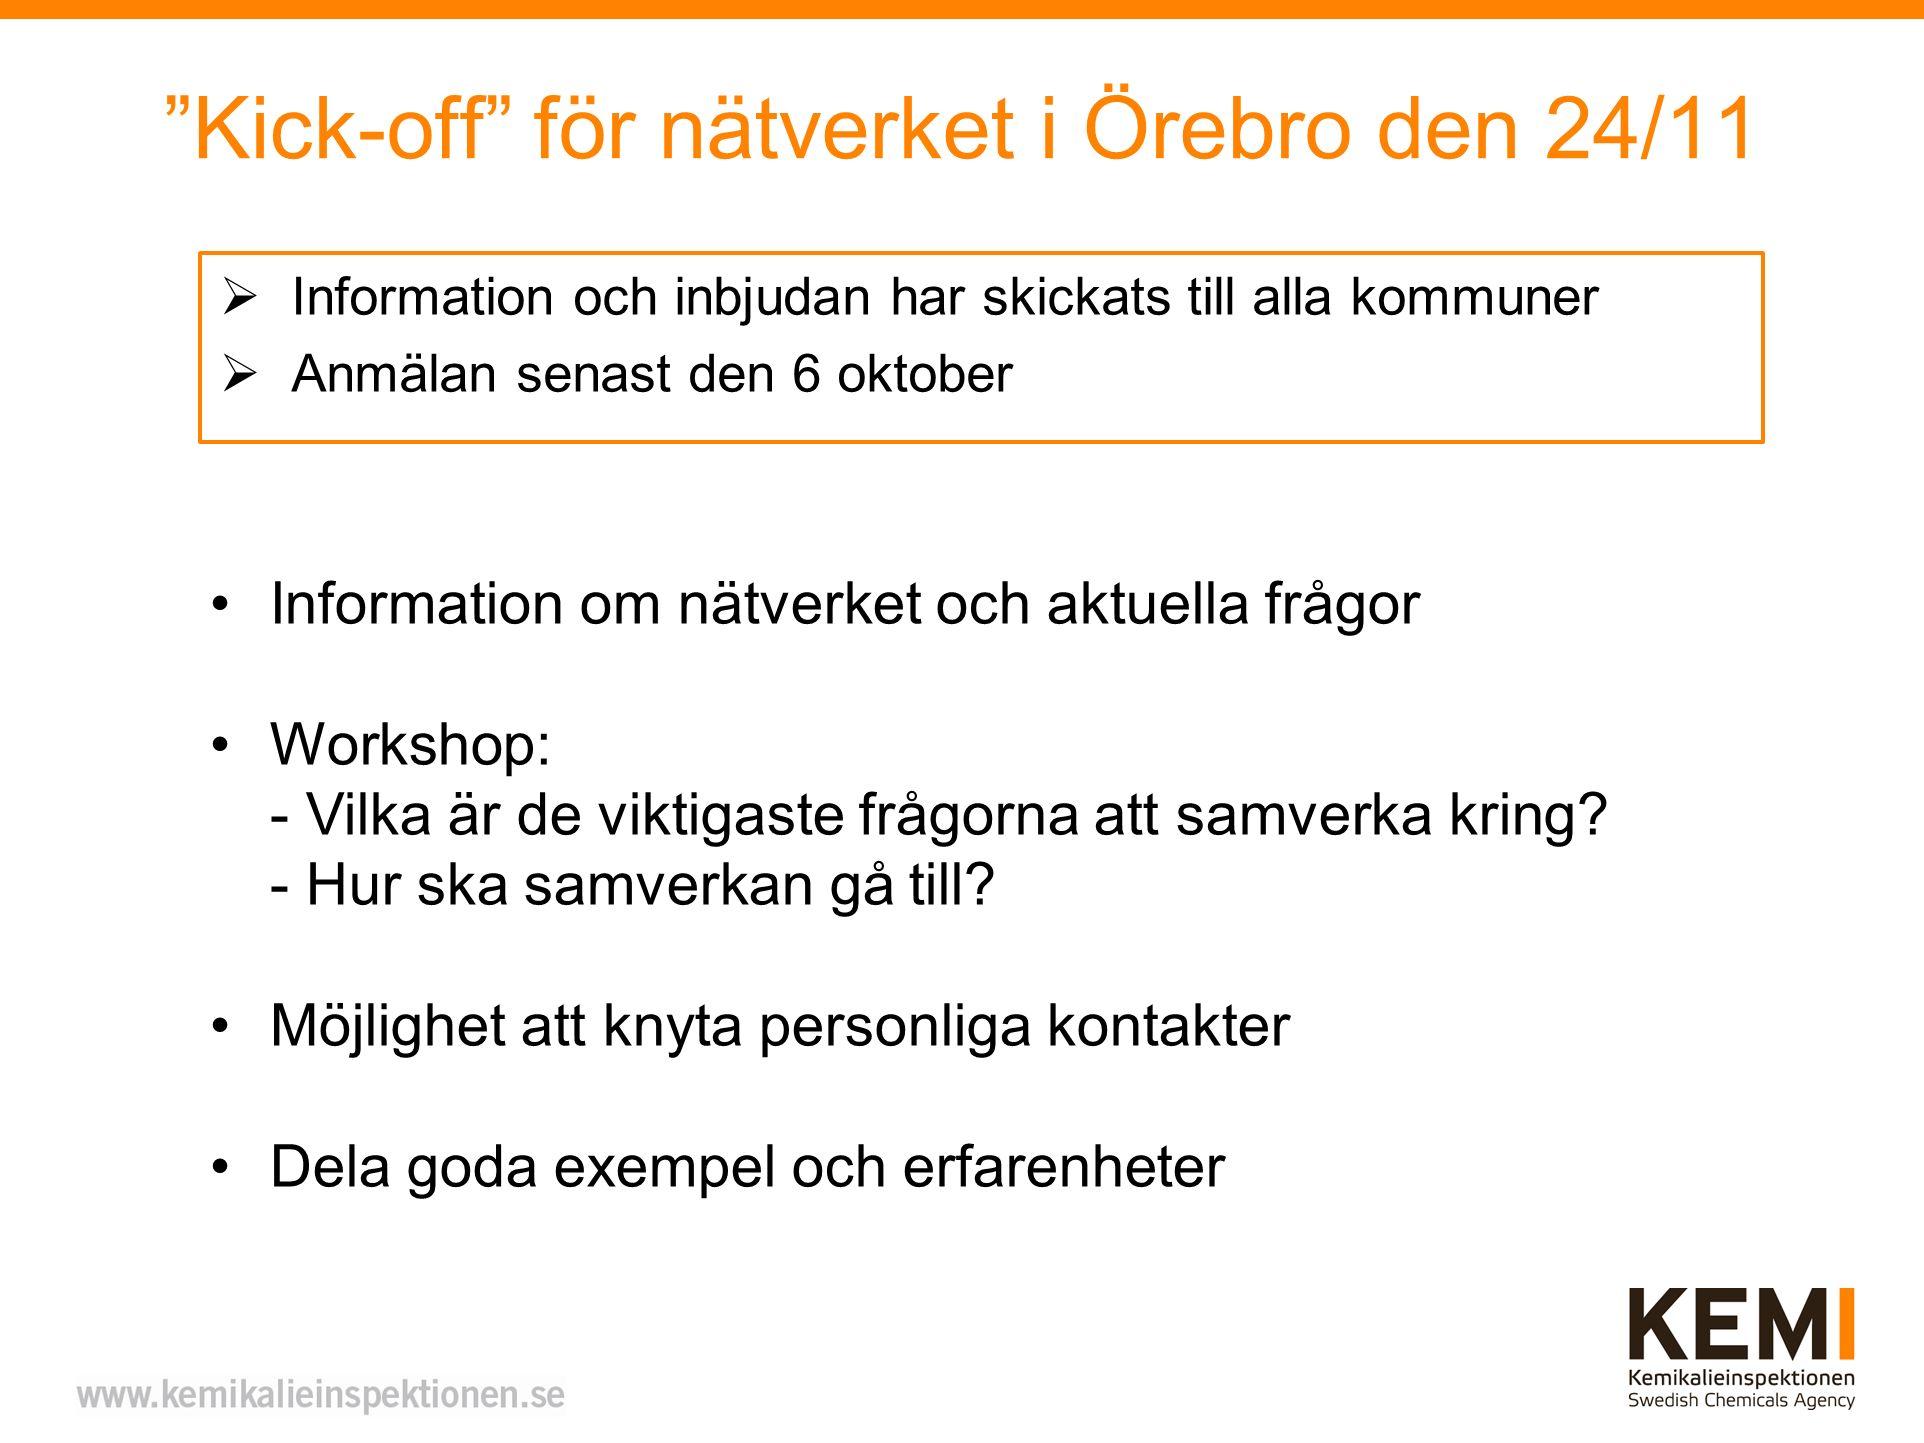 Kick-off för nätverket i Örebro den 24/11